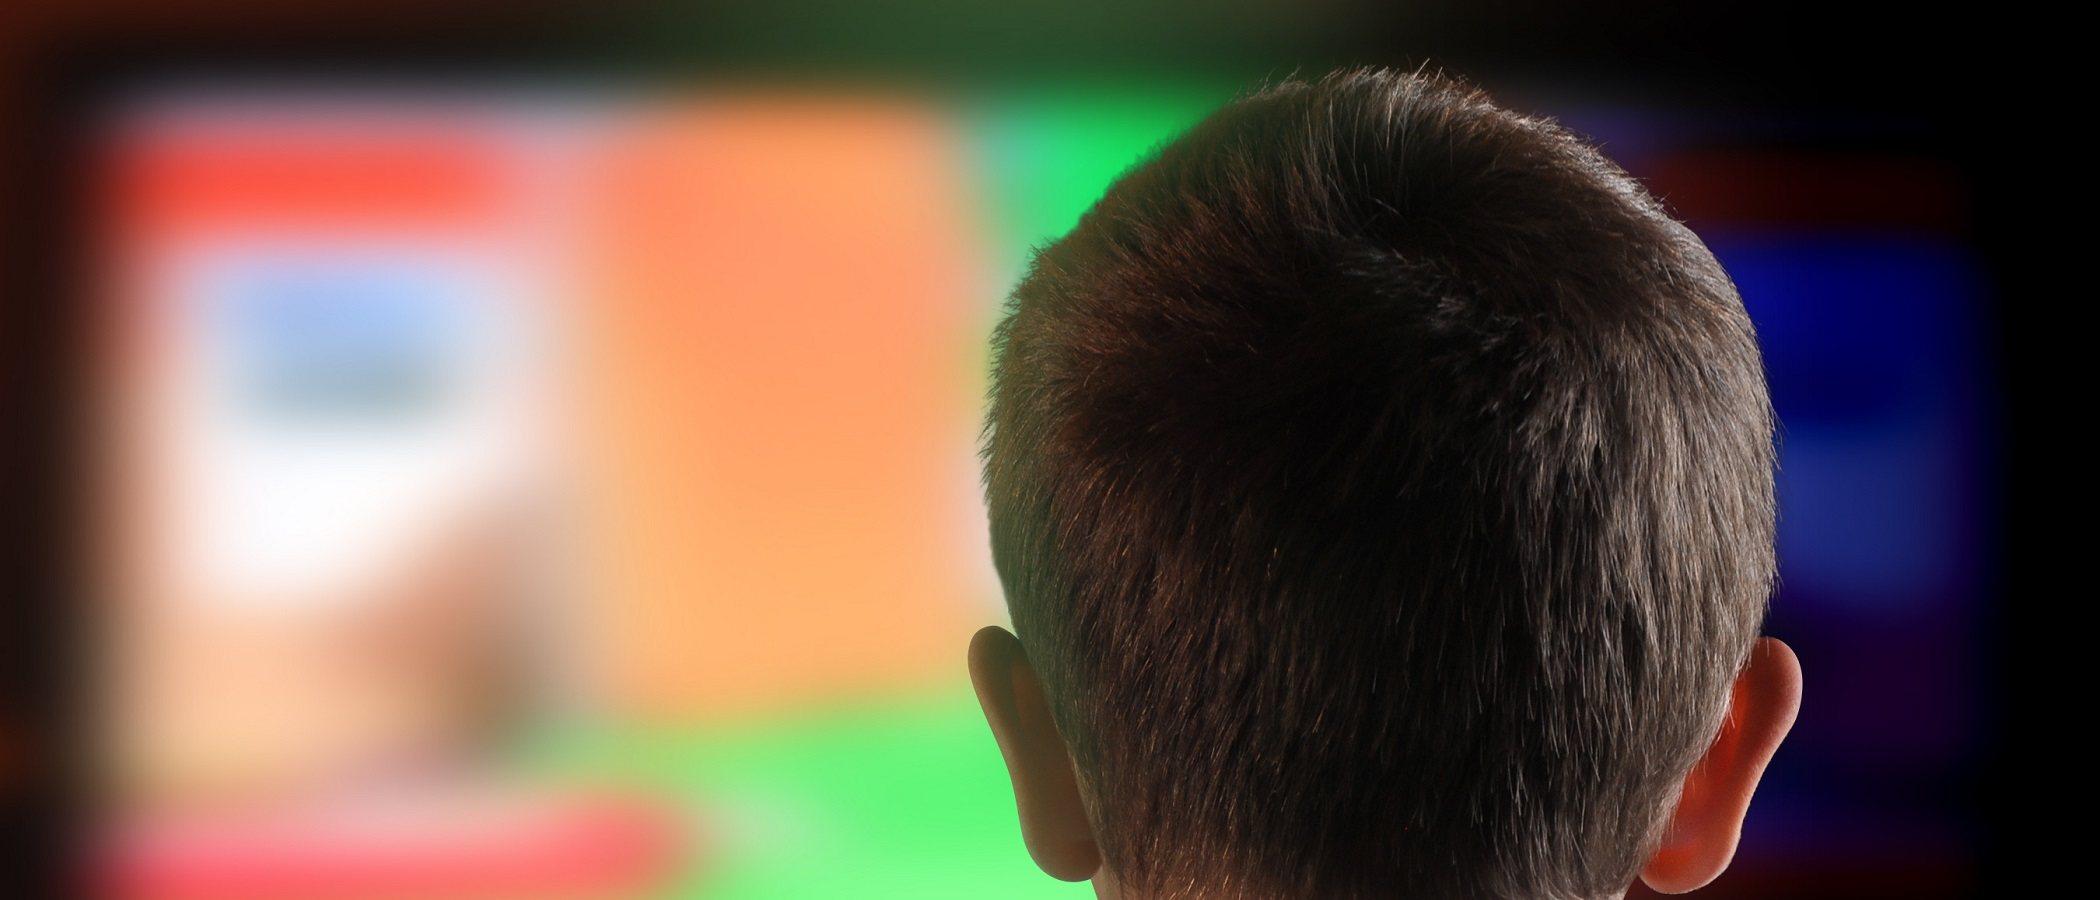 Menos tiempo de pantalla hace que los adolescentes sean más felices